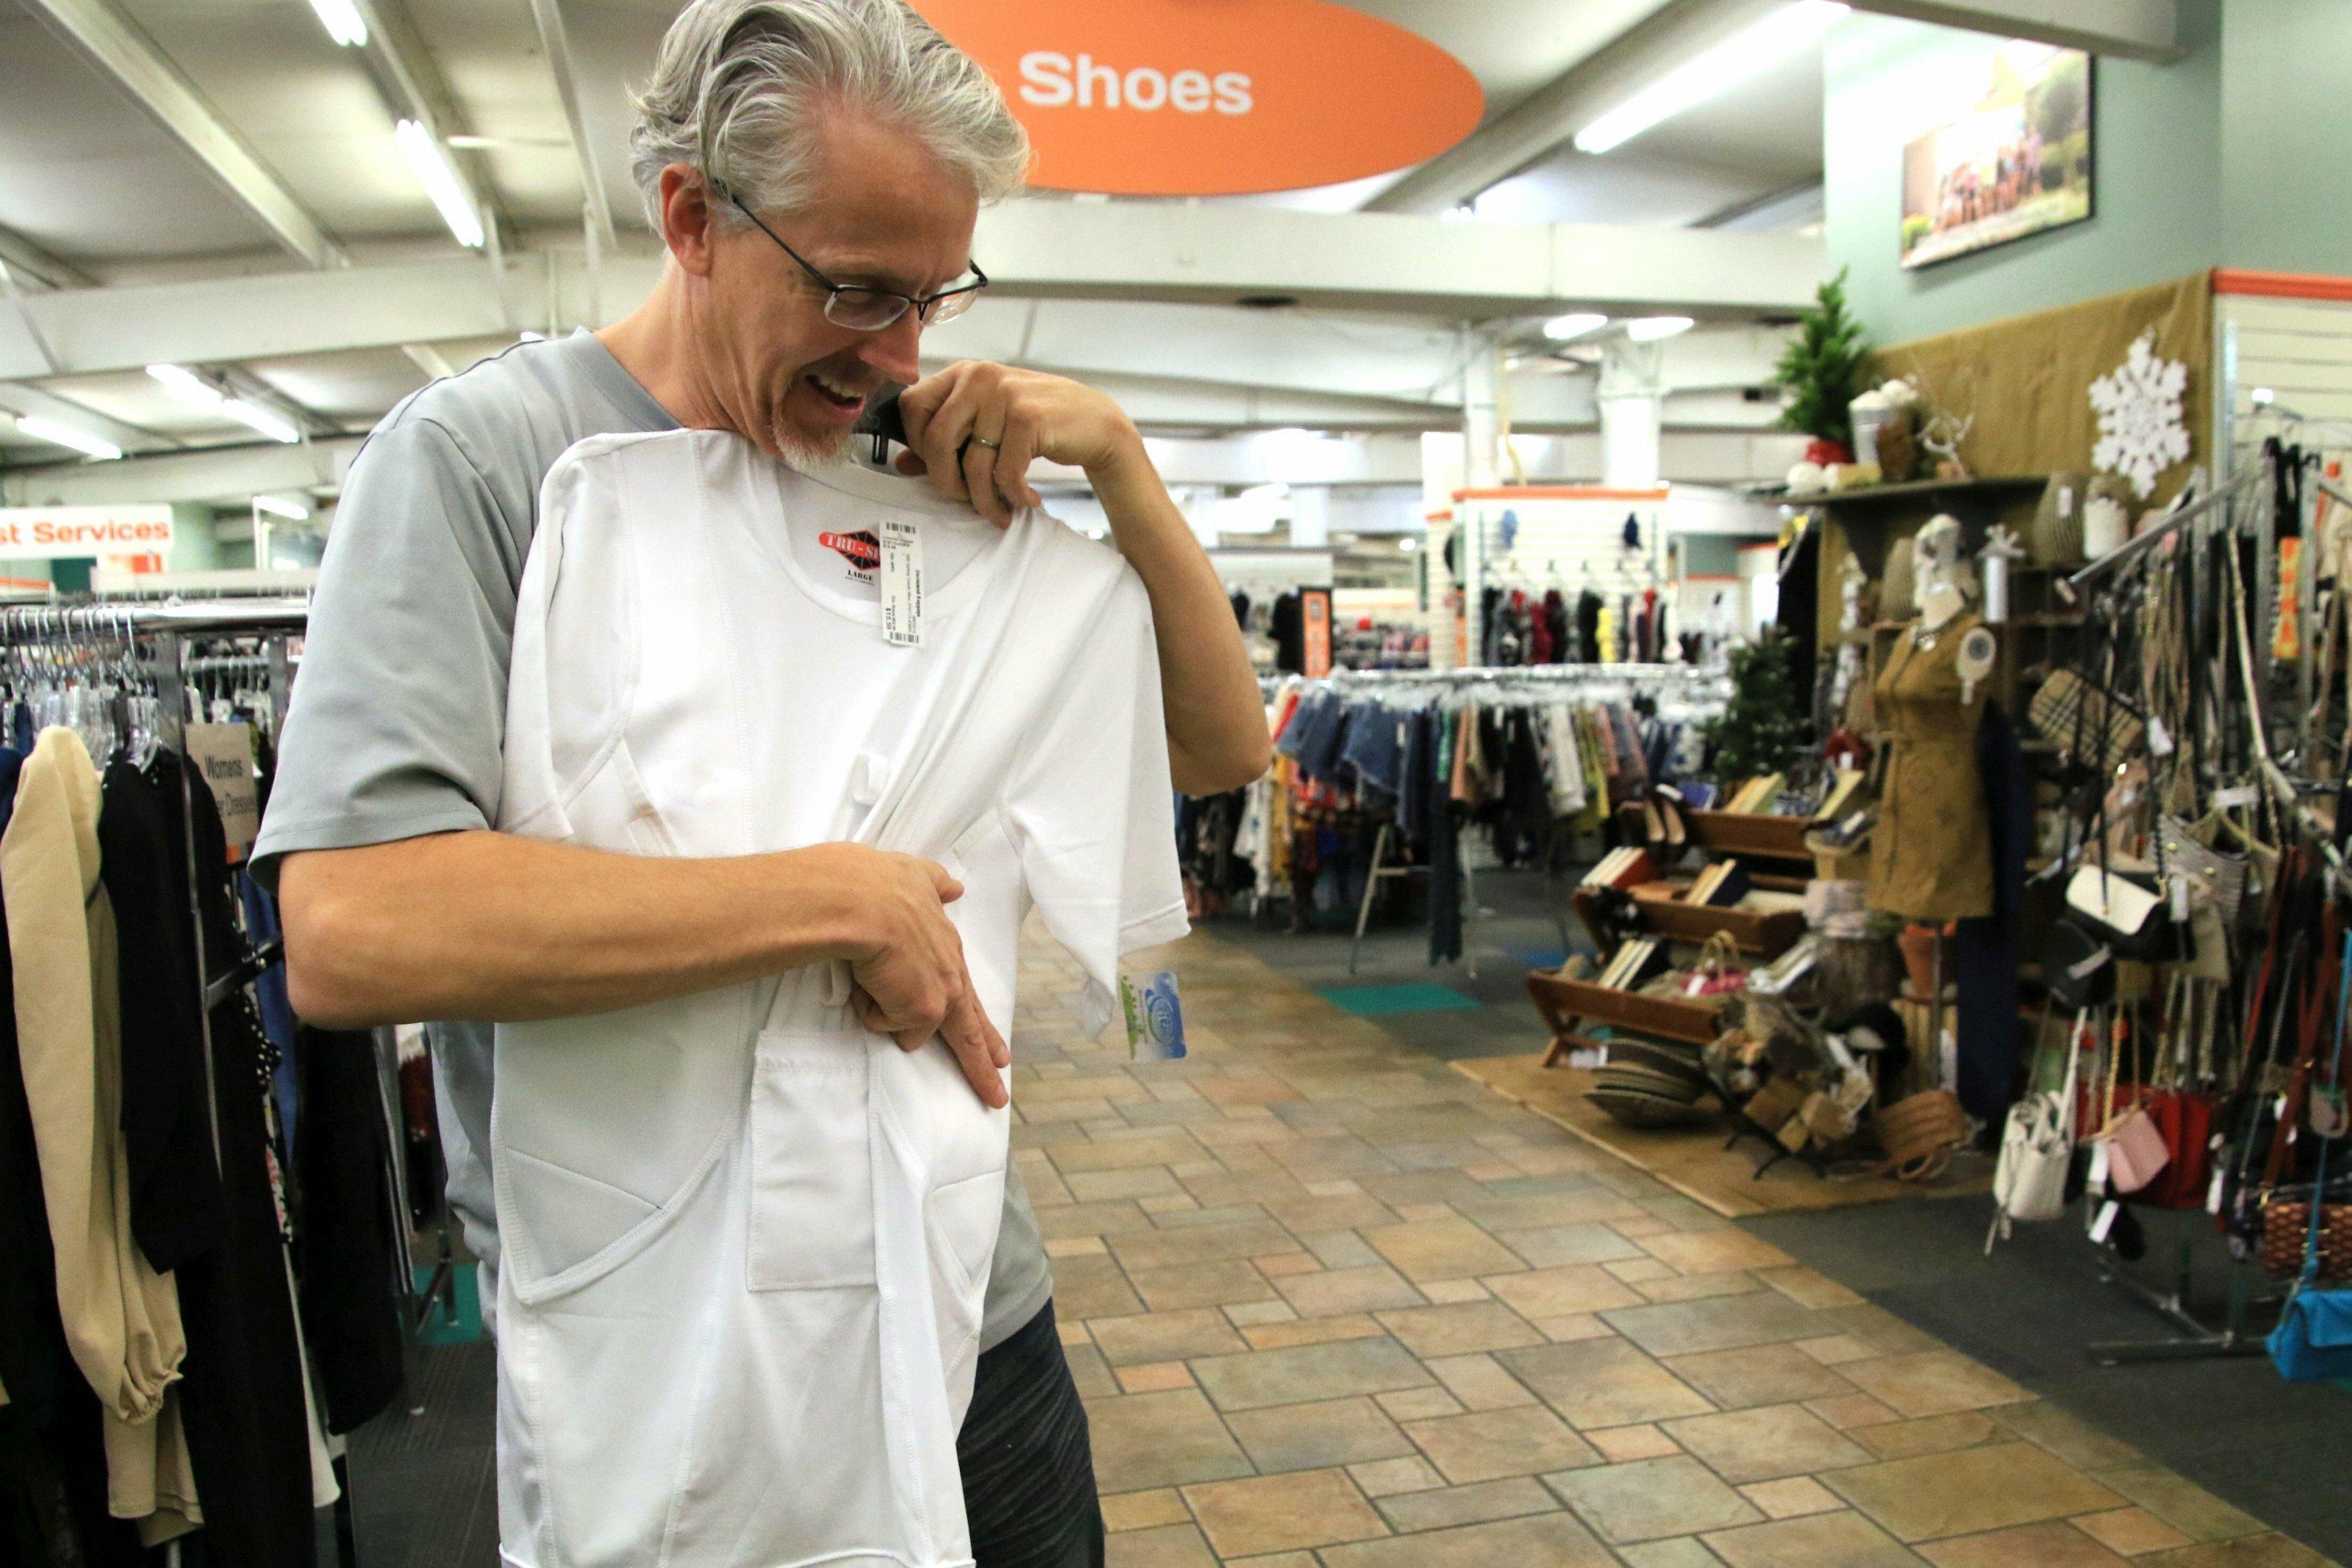 Ein grauhaariger Mann betrachtet ein Unterhemd in einem Supermarkt.